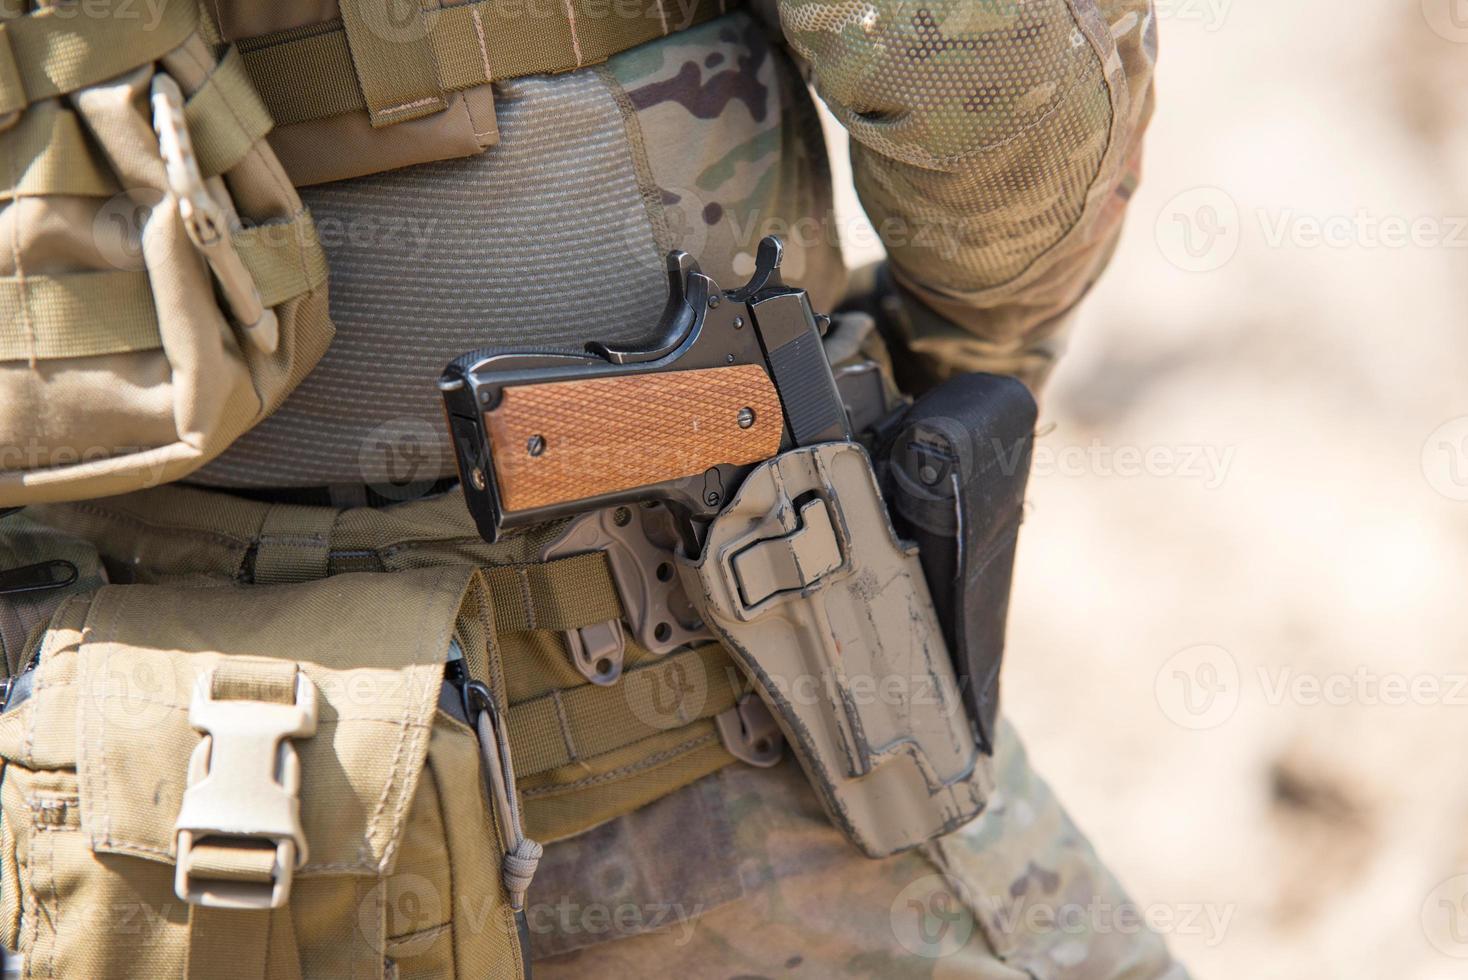 uniforme dell'esercito delle forze speciali dell'esercito americano, da vicino sulla pistola foto